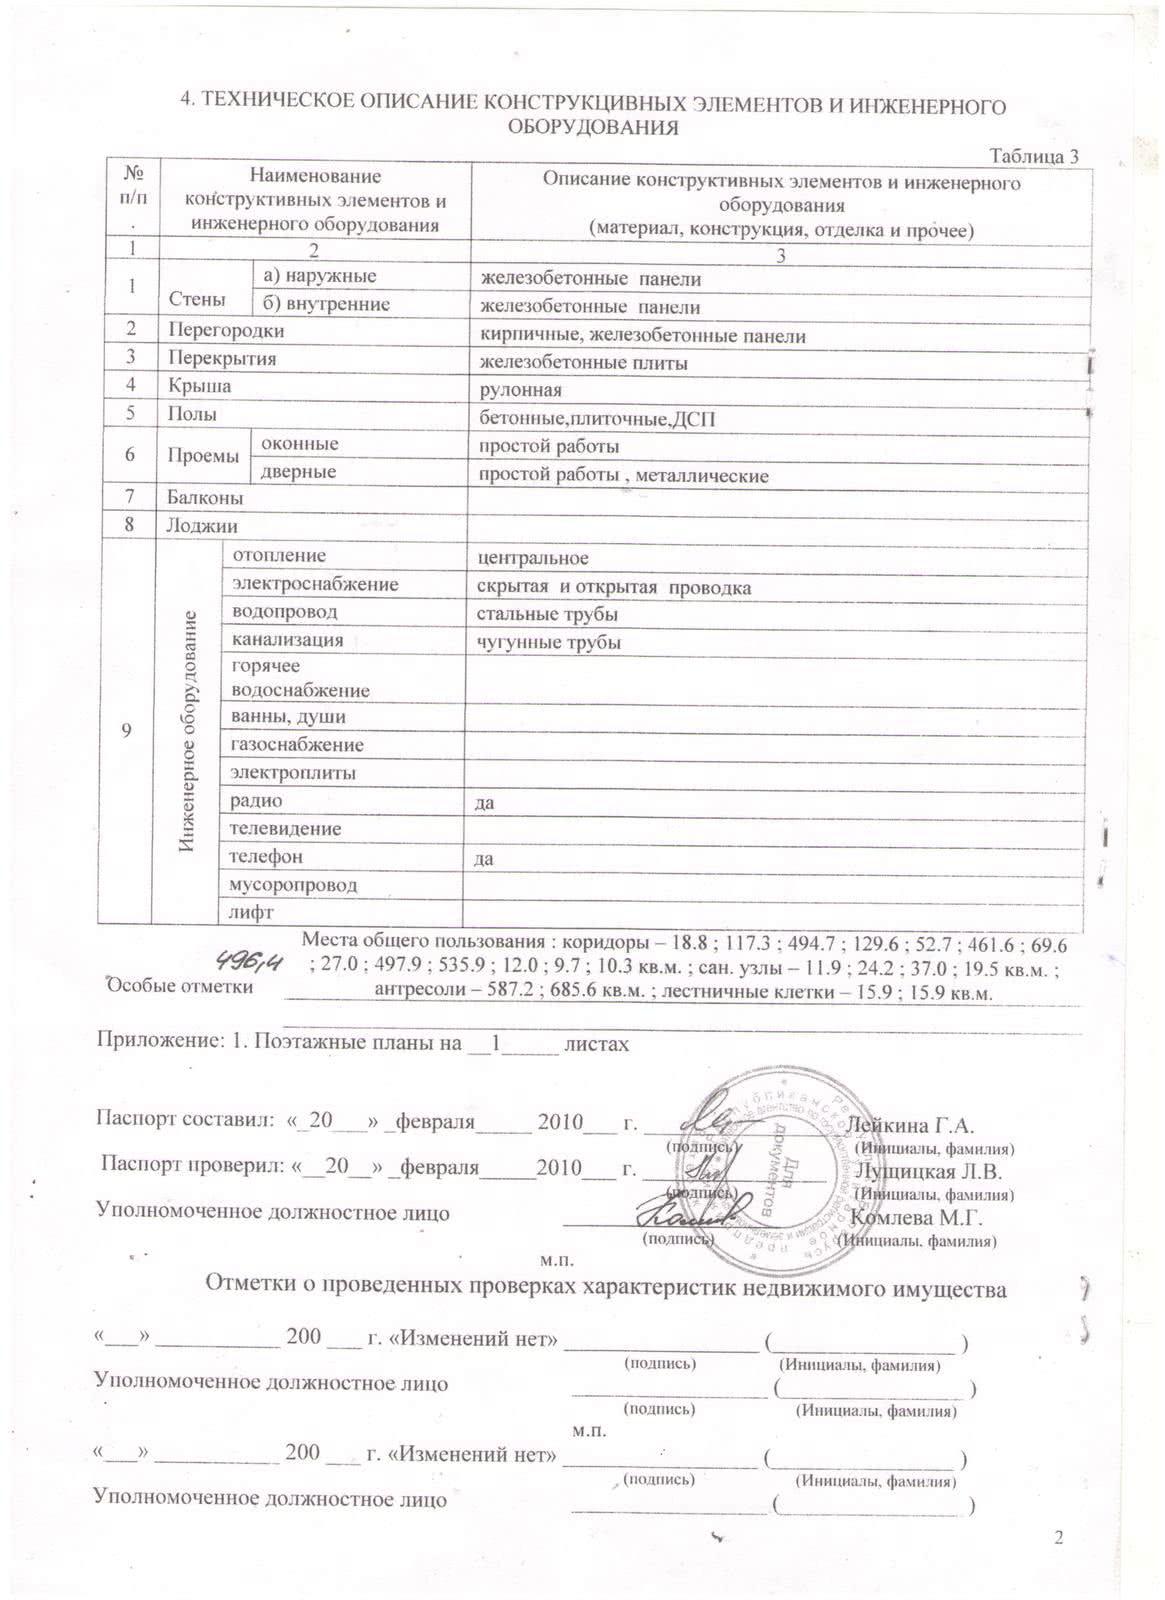 Аукцион по продаже недвижимости пр-т Фрунзе, 81/20-2 в Витебске - фото 3